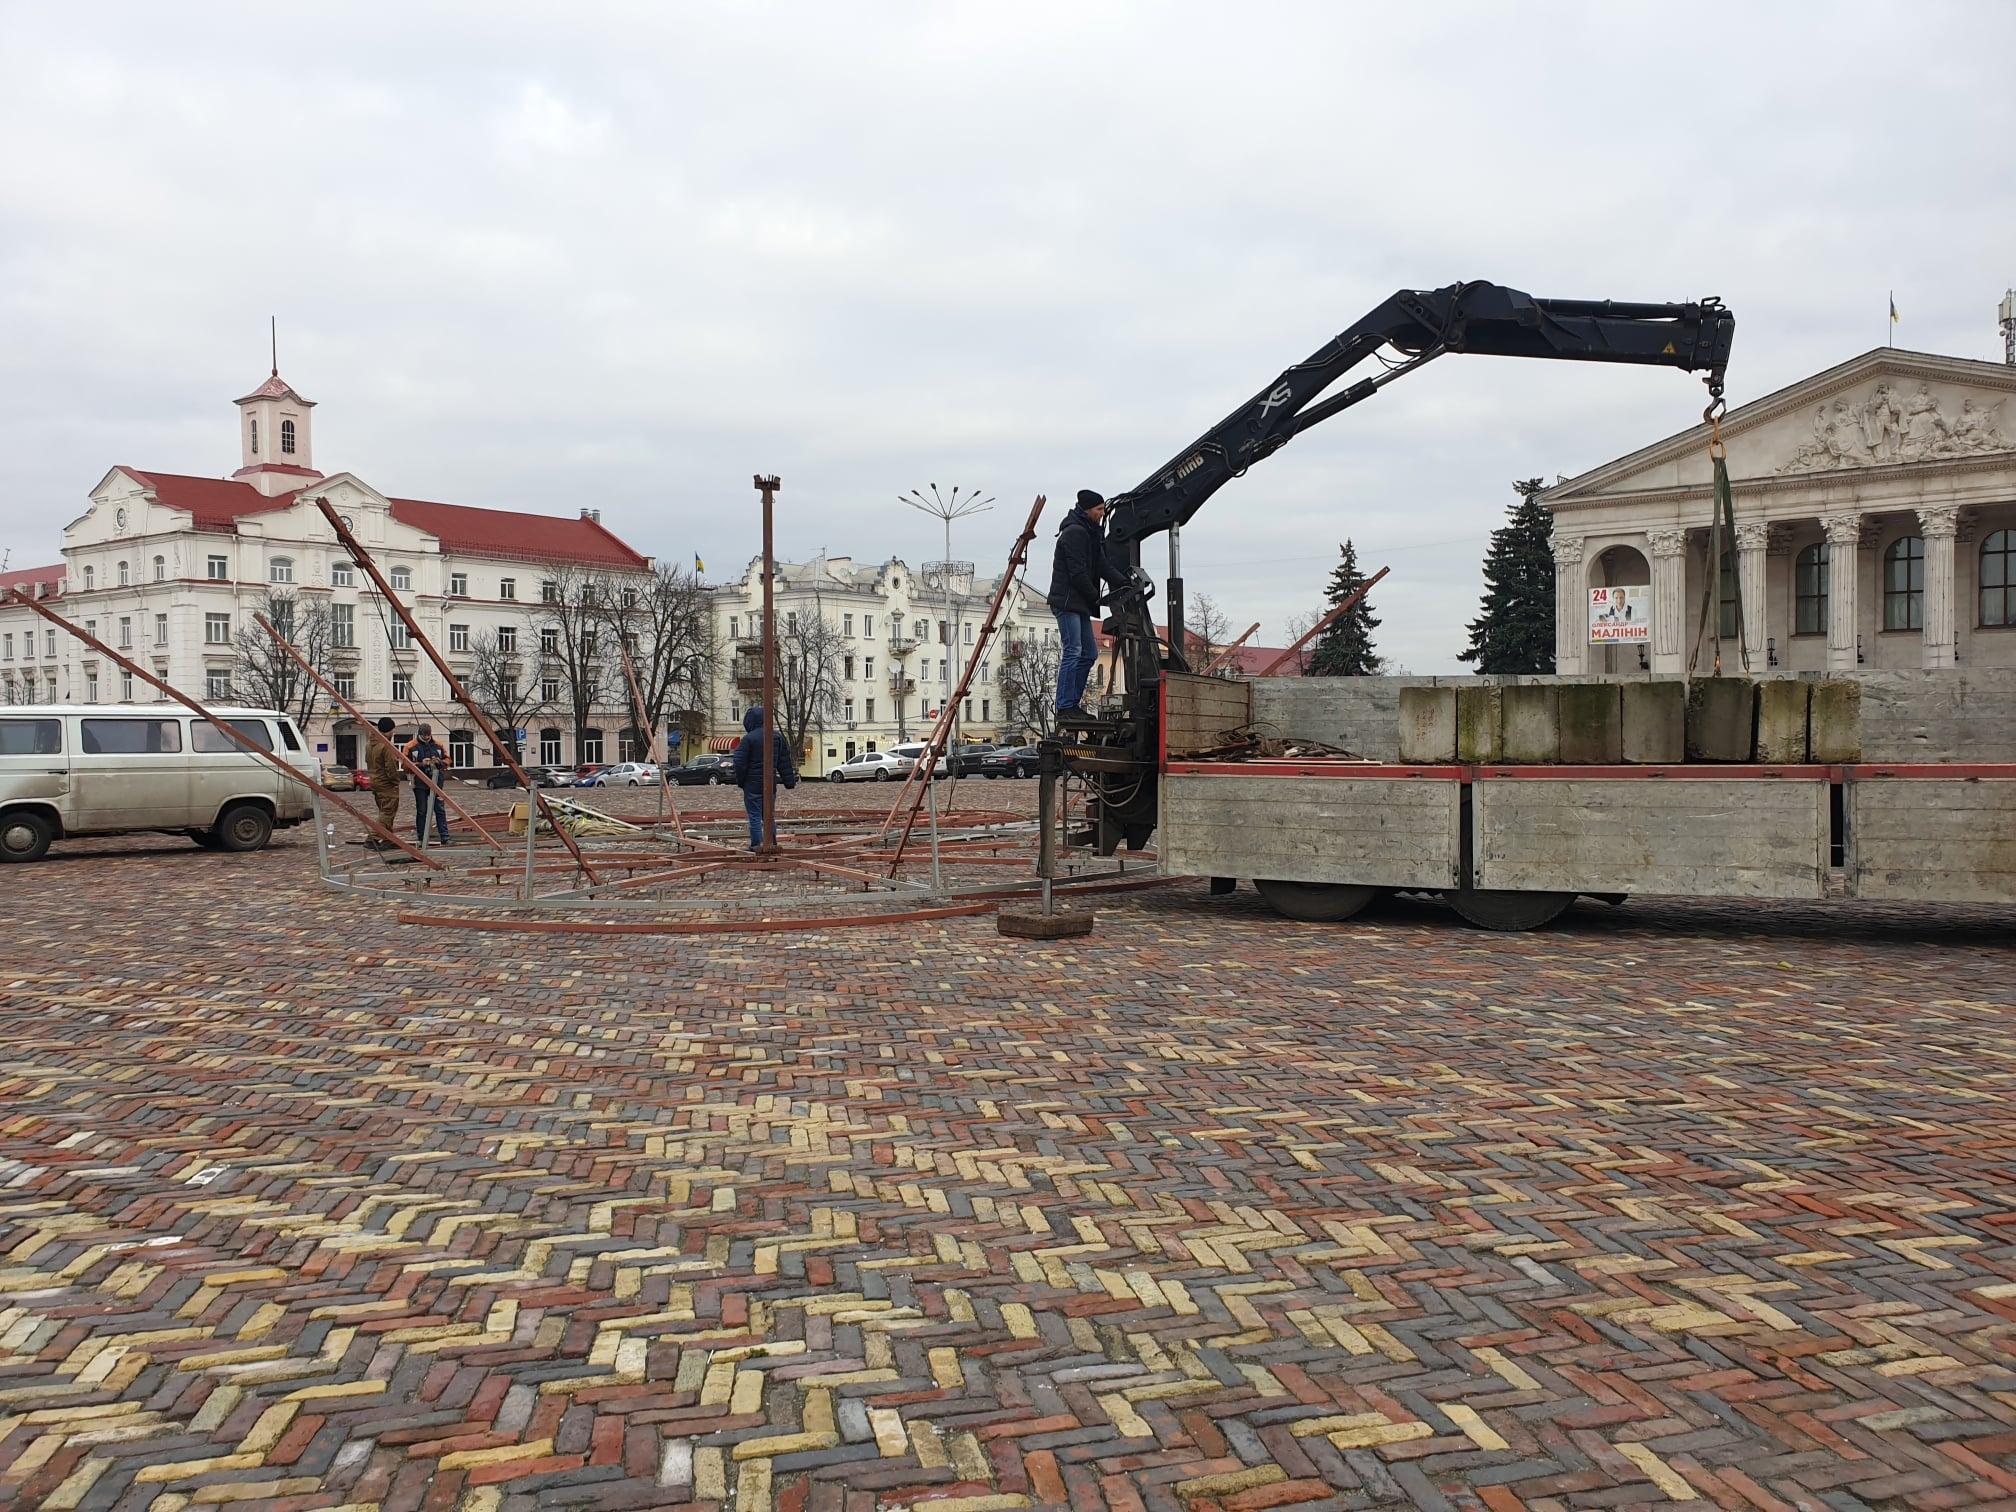 Свято наближається: на центральній площі Чернігова встановлюють ялинку (Фотофакт)